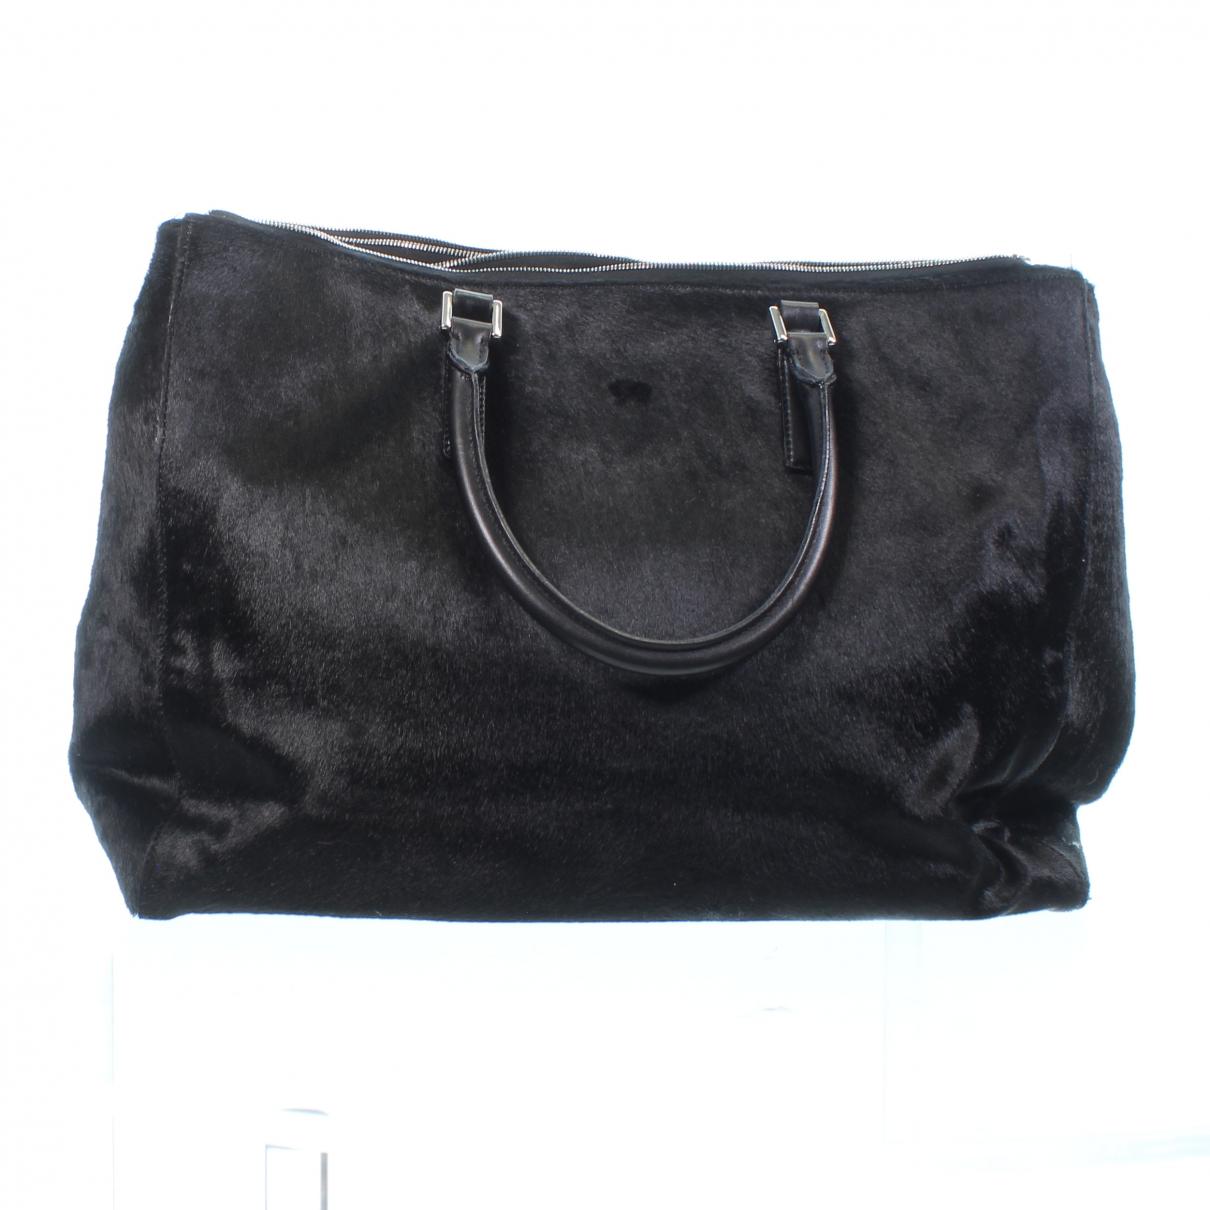 Anya Hindmarch \N Handtasche in  Schwarz Leder